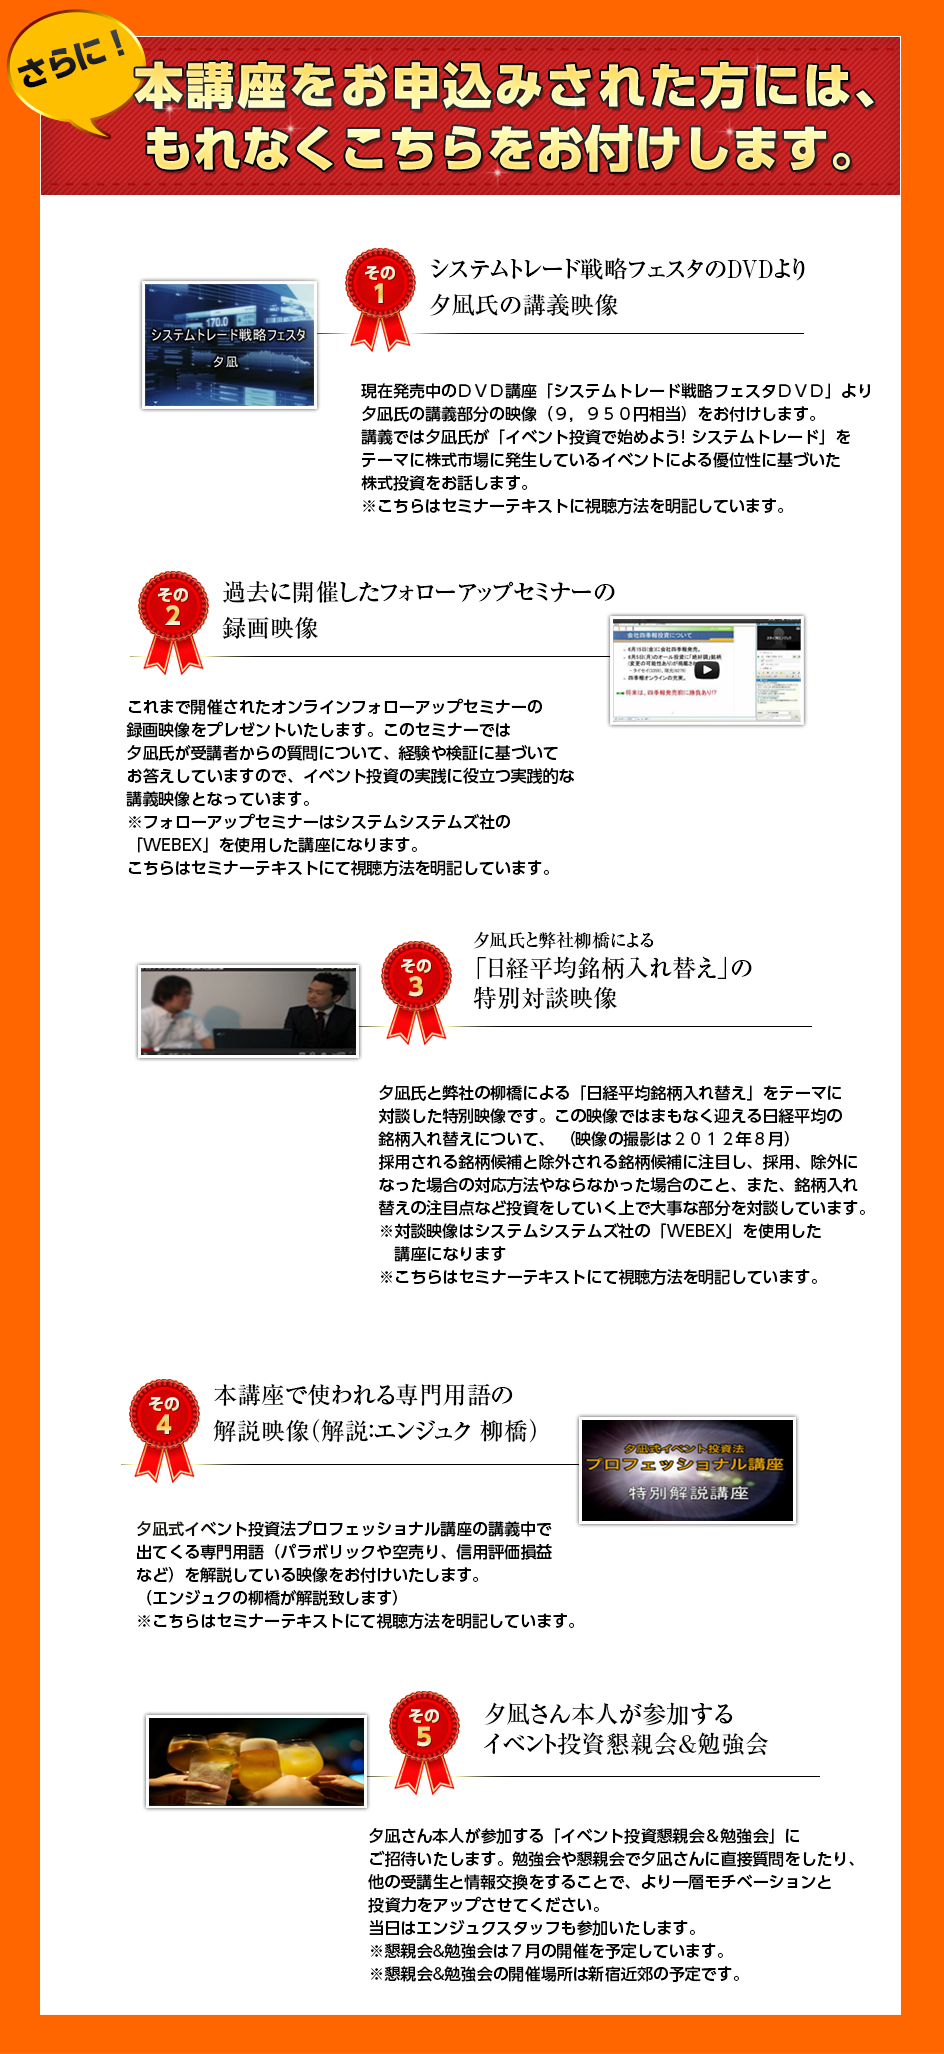 夕凪セールスページ---201412_08